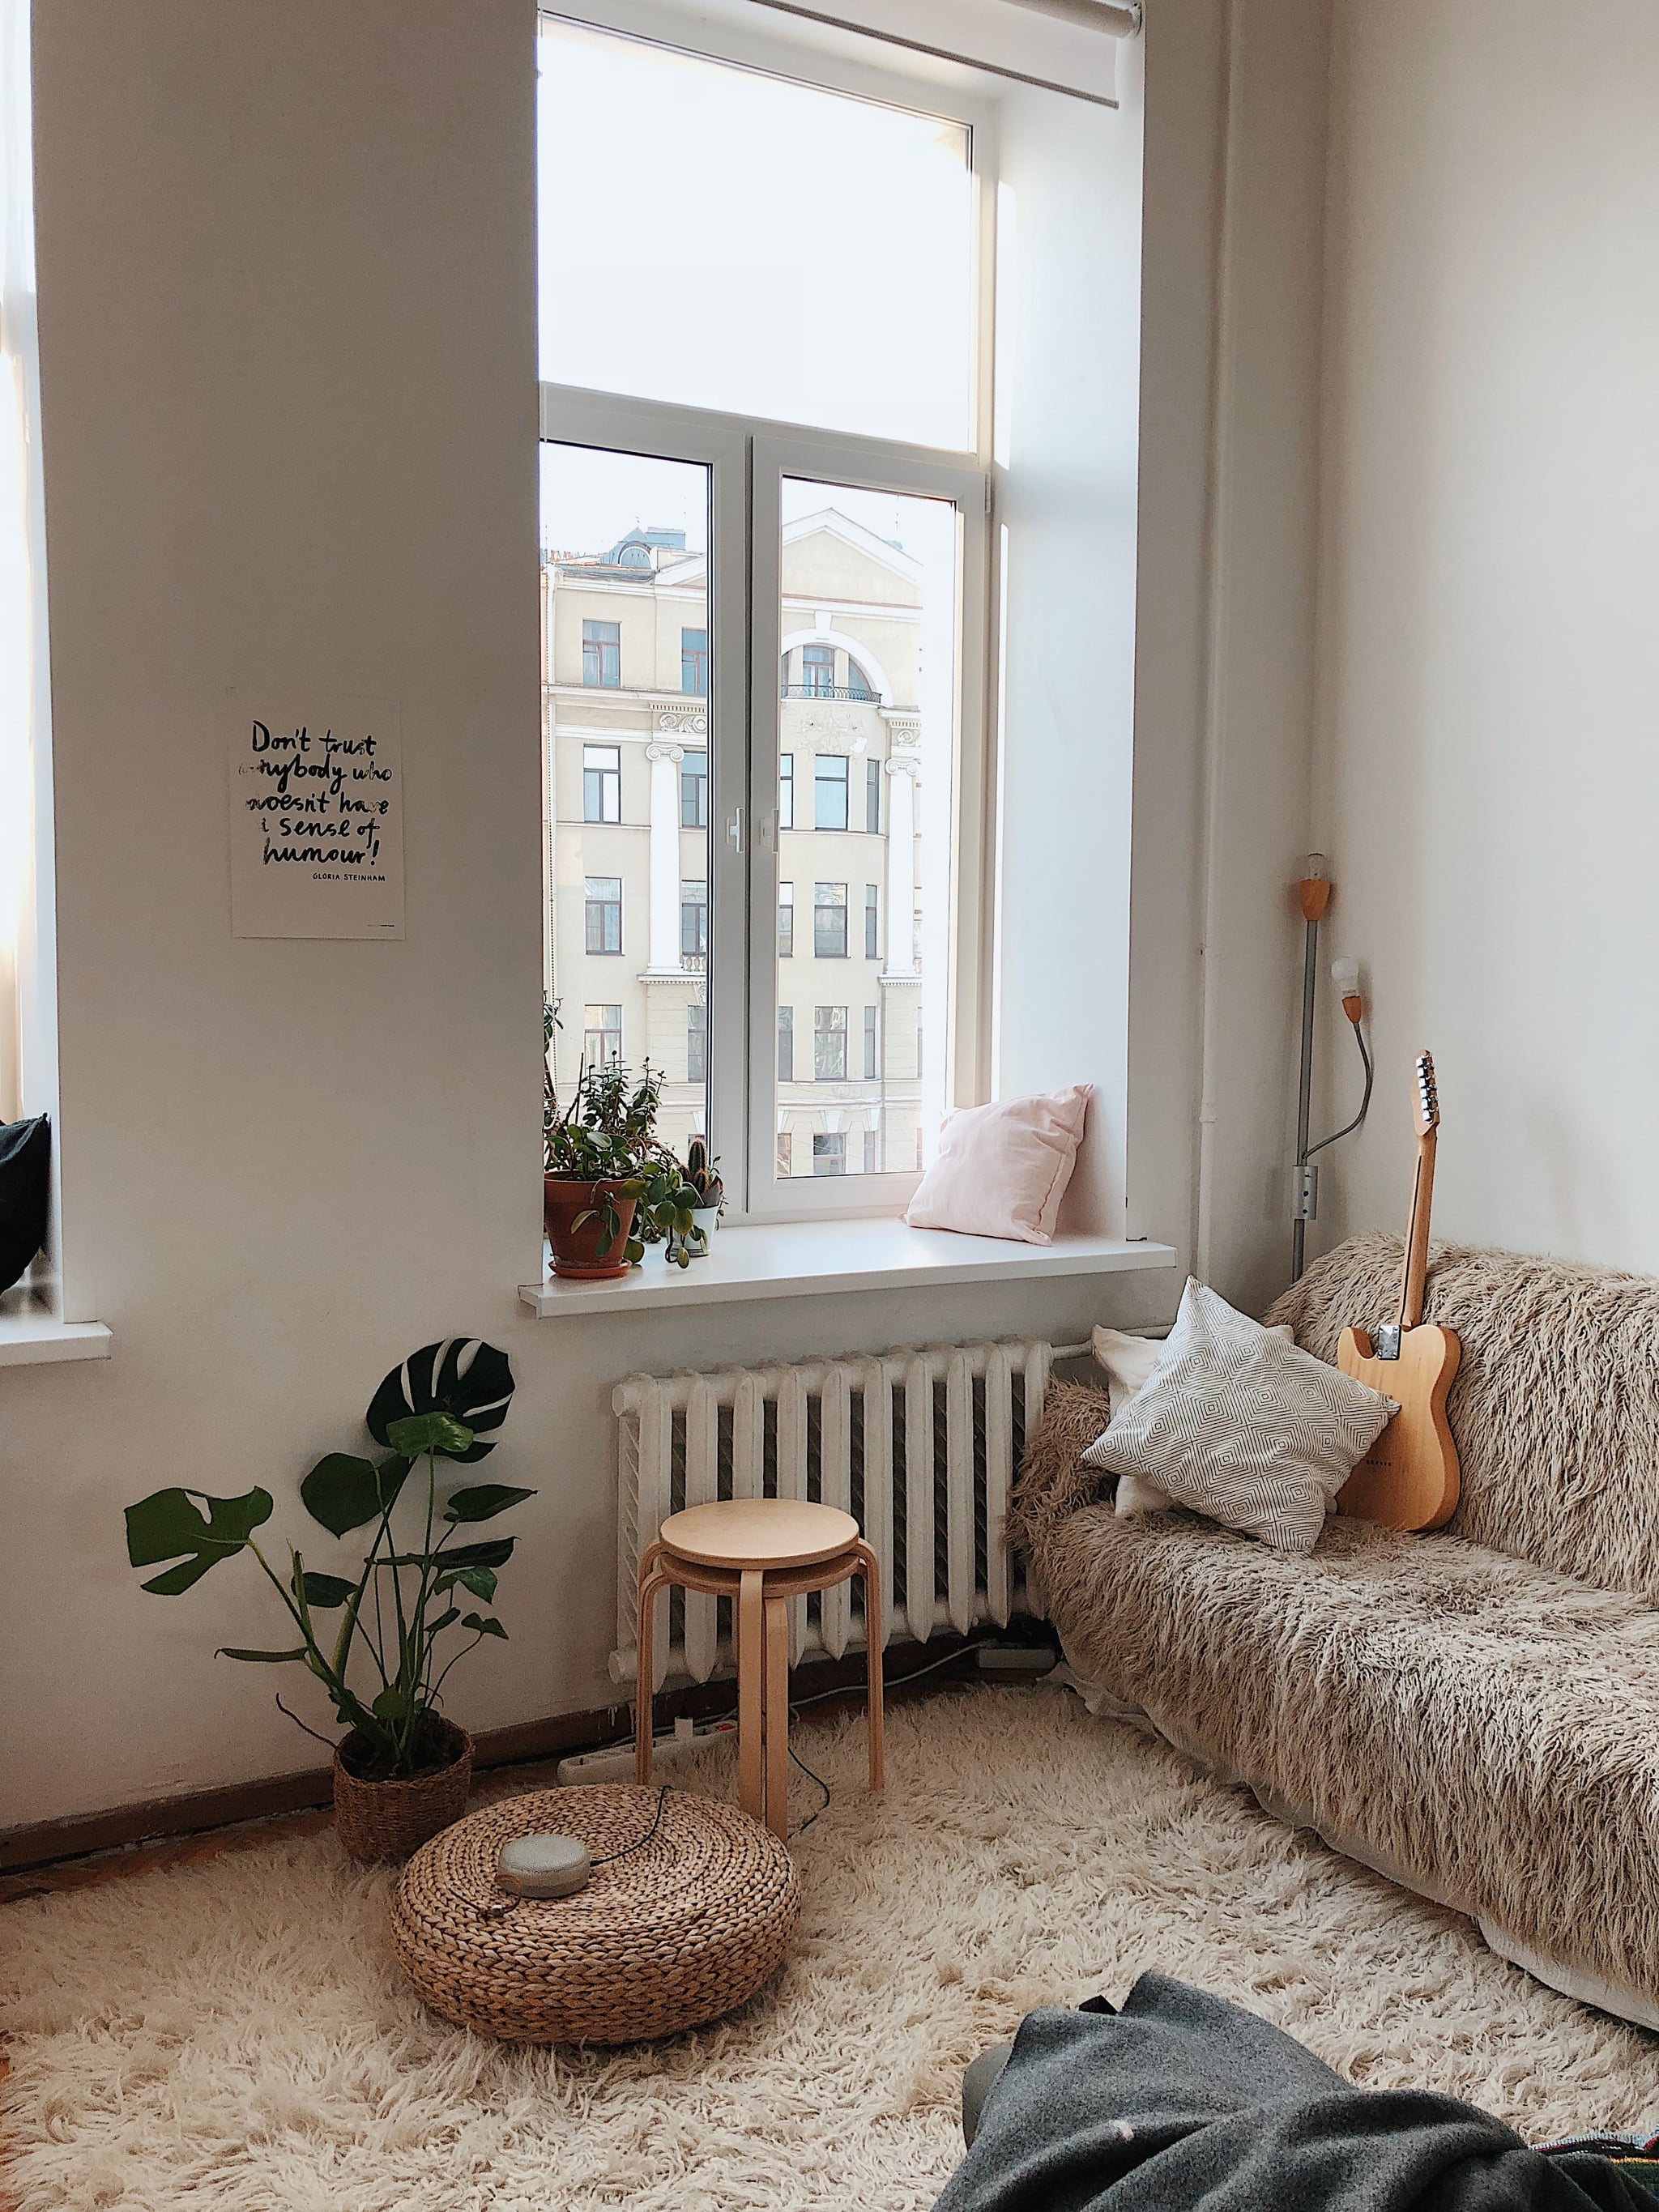 tmp_olLjS8_77576dfdf9961a22_apartment-architecture-chair-892618.jpg